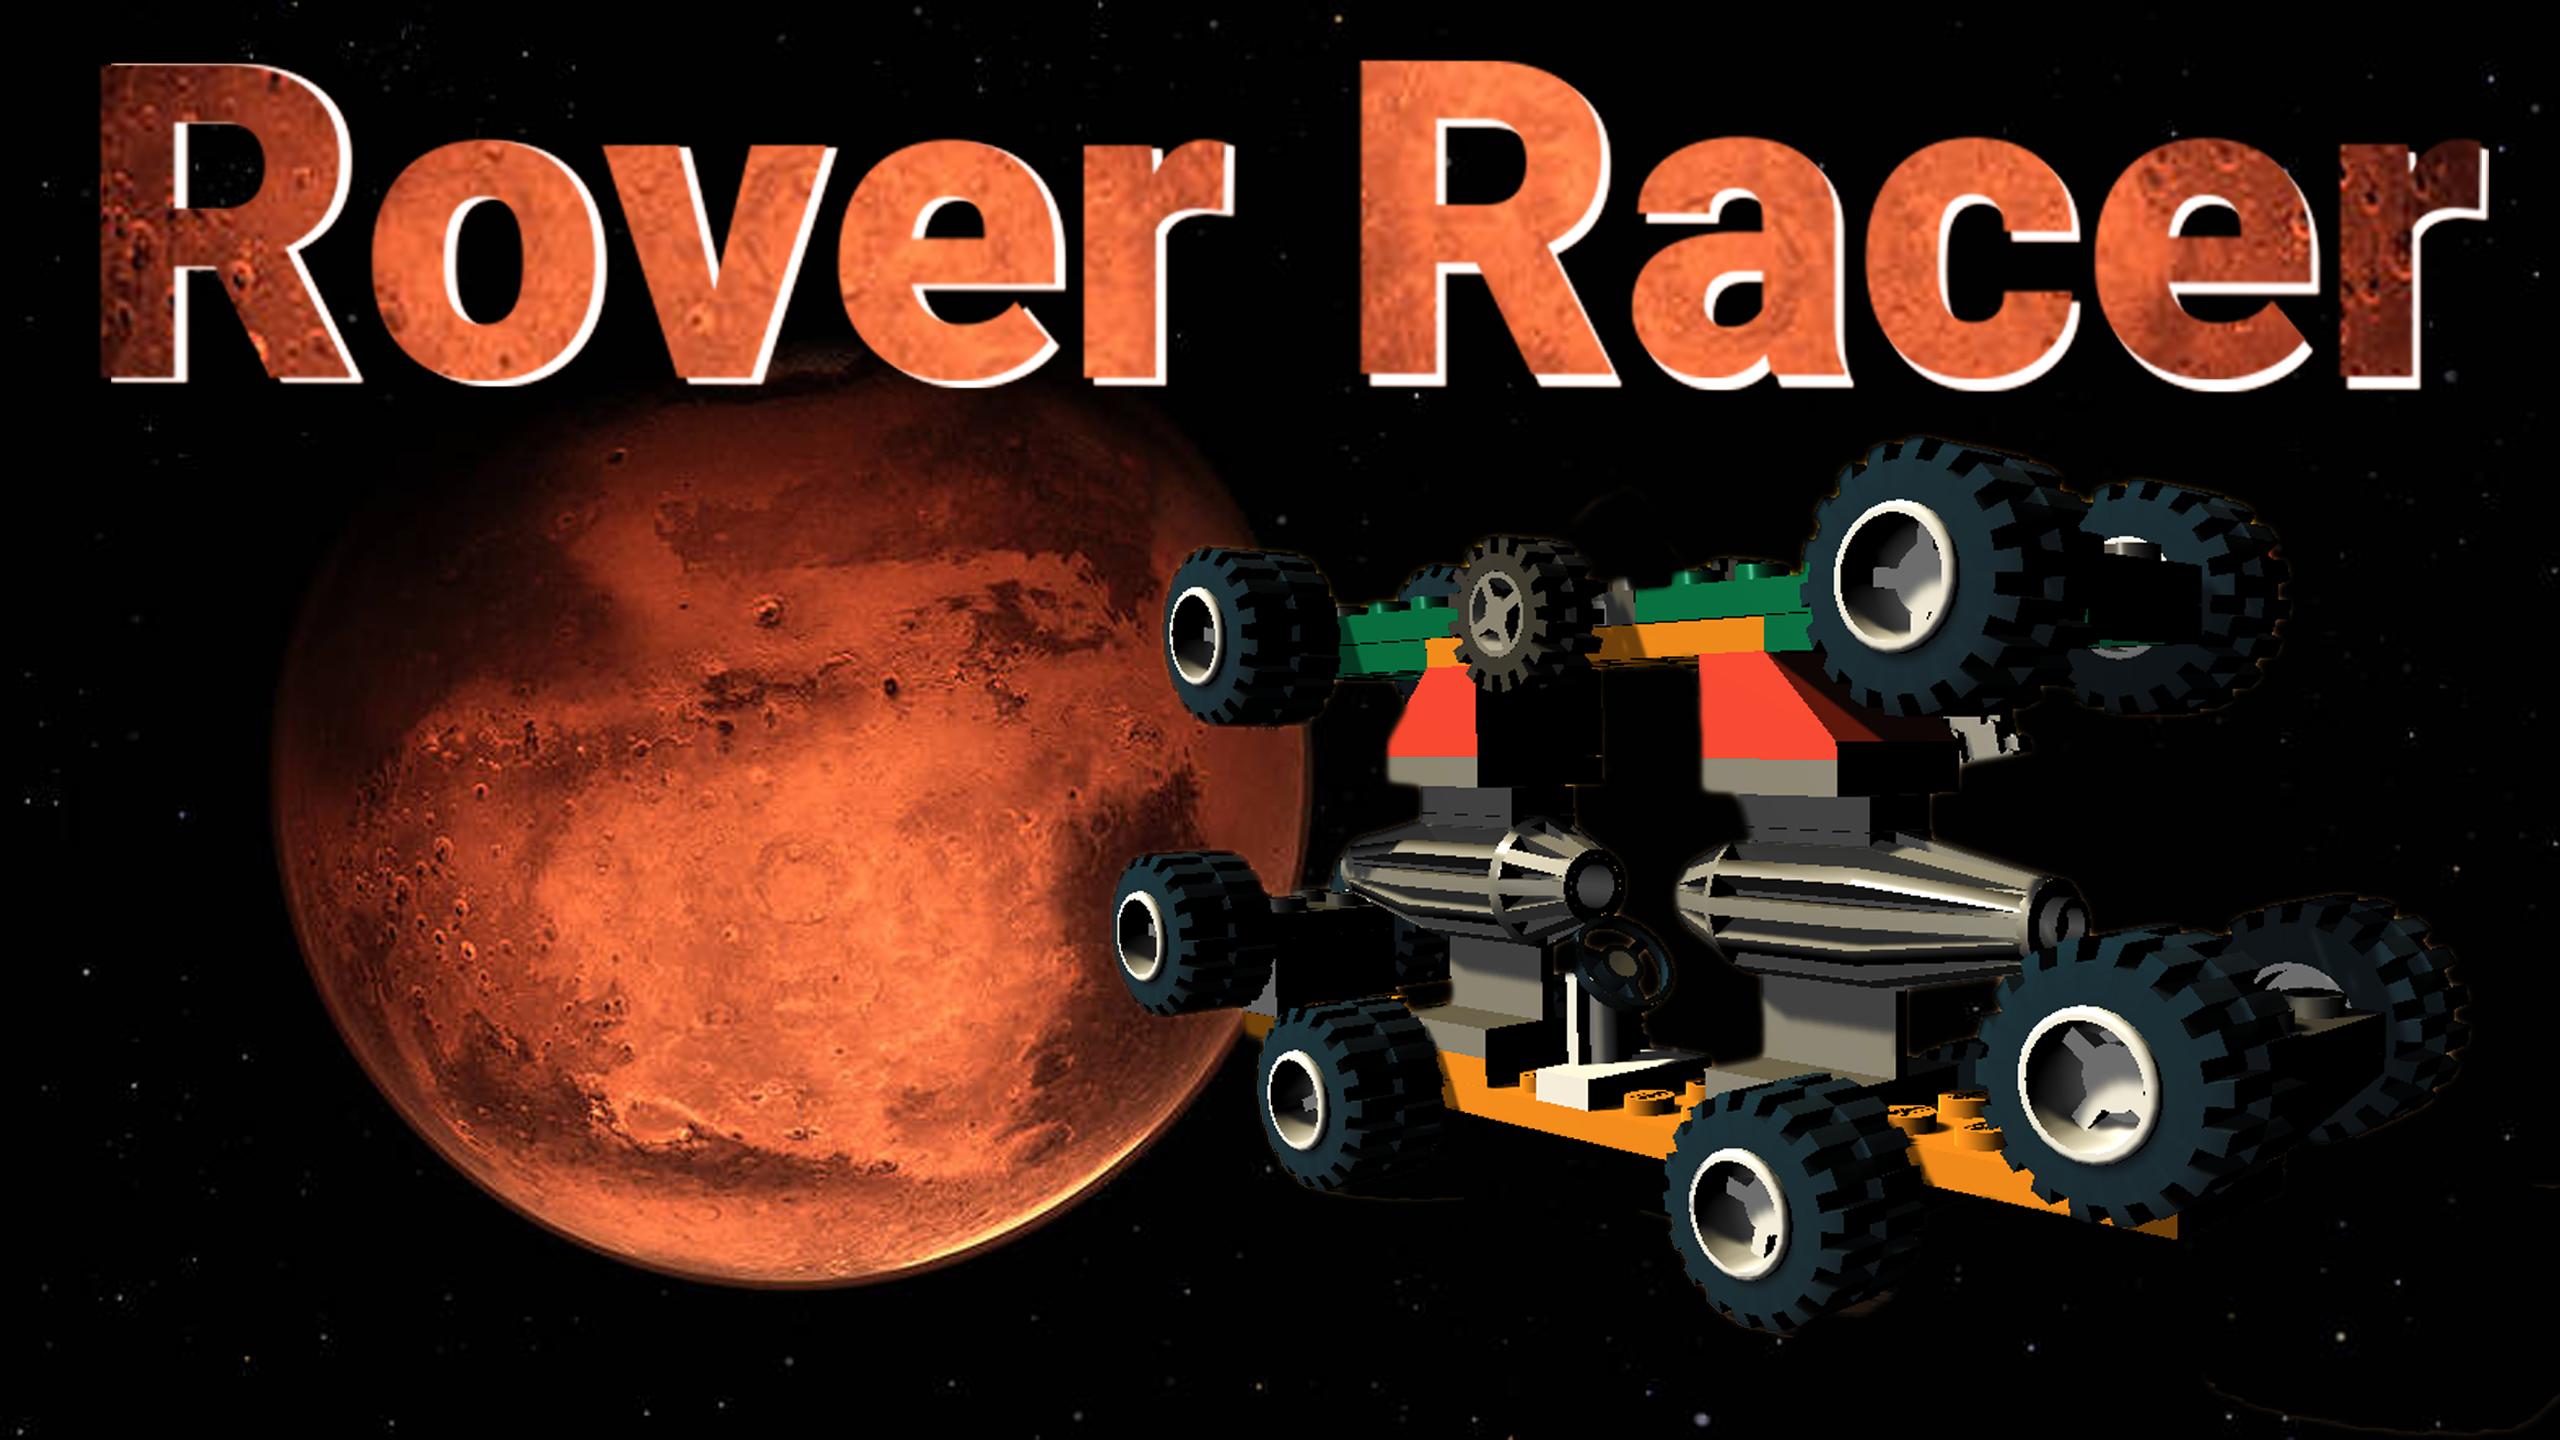 Rover Racer